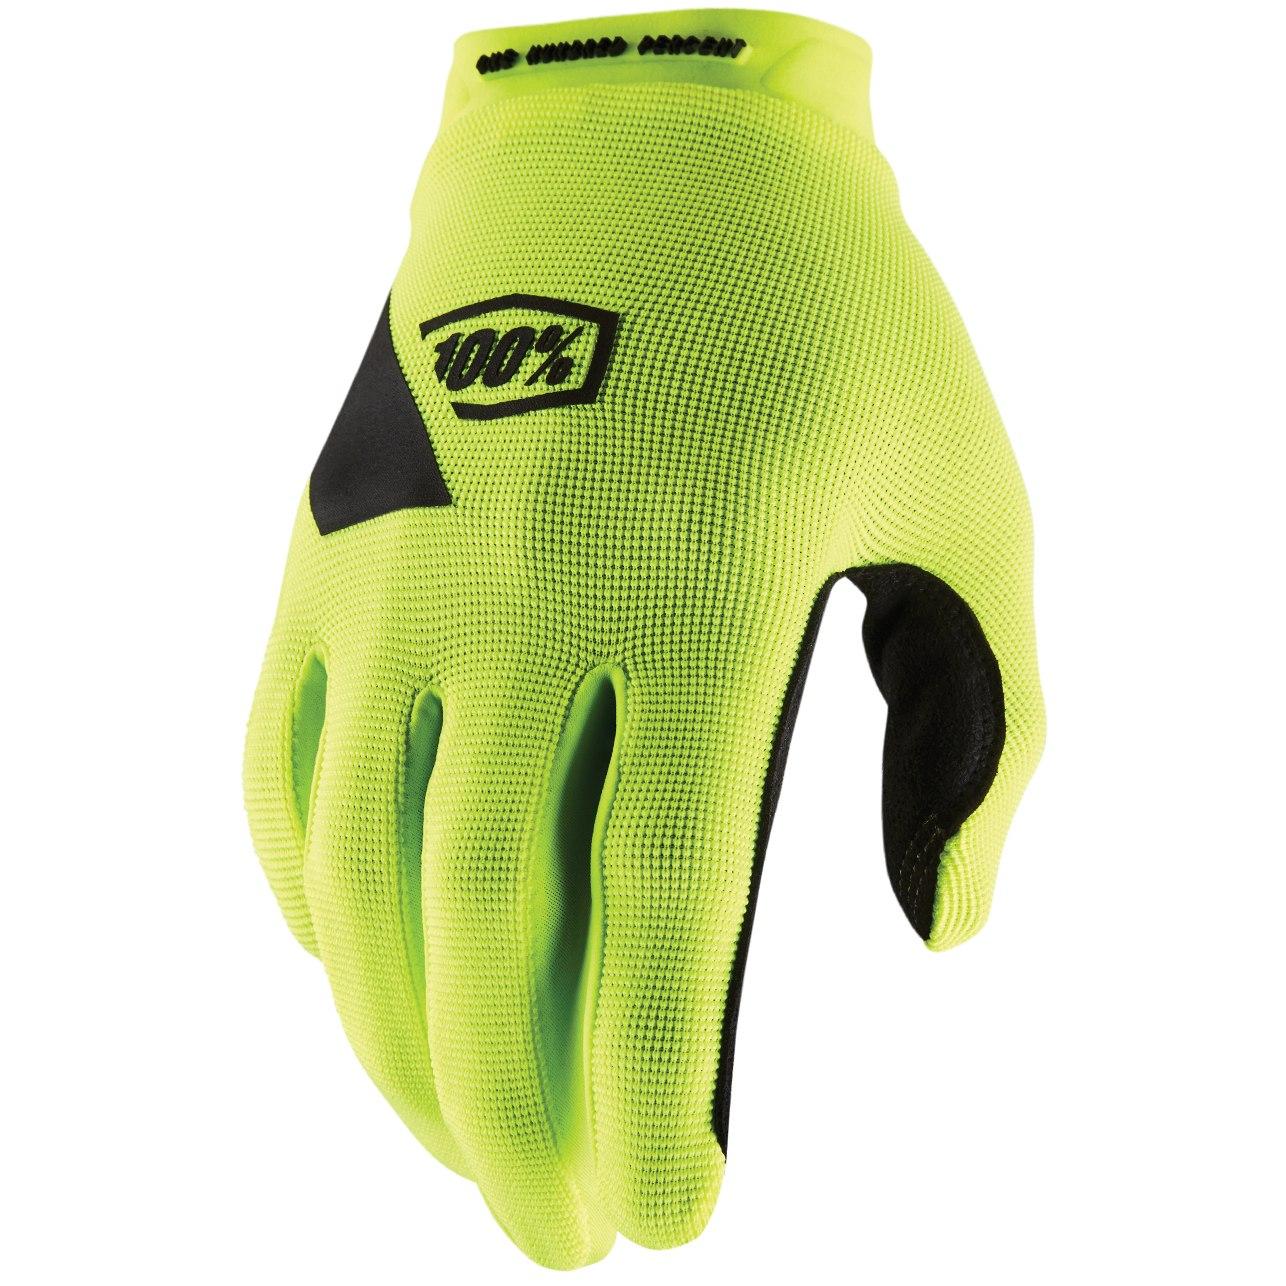 Imagen de 100% Ridecamp Glove - Fluo Yellow